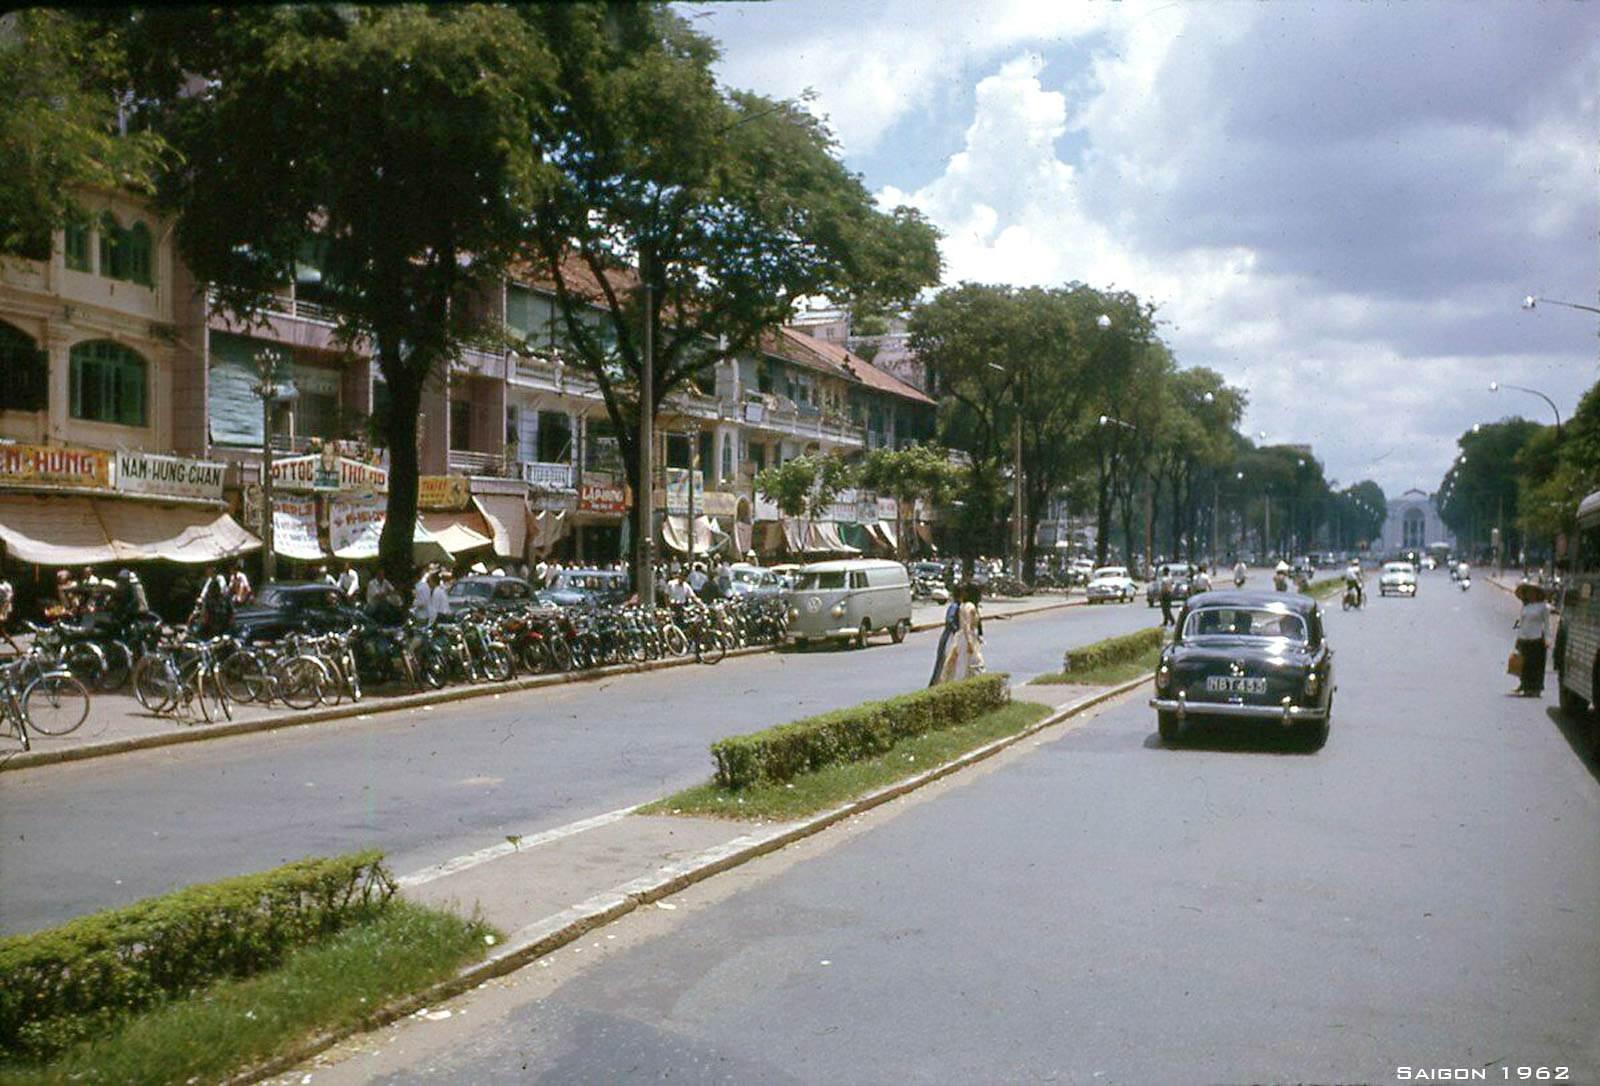 Đại lộ Lê Lợi ngày đó rất rộng và thoáng, đường sạch sẽ không một bóng rác